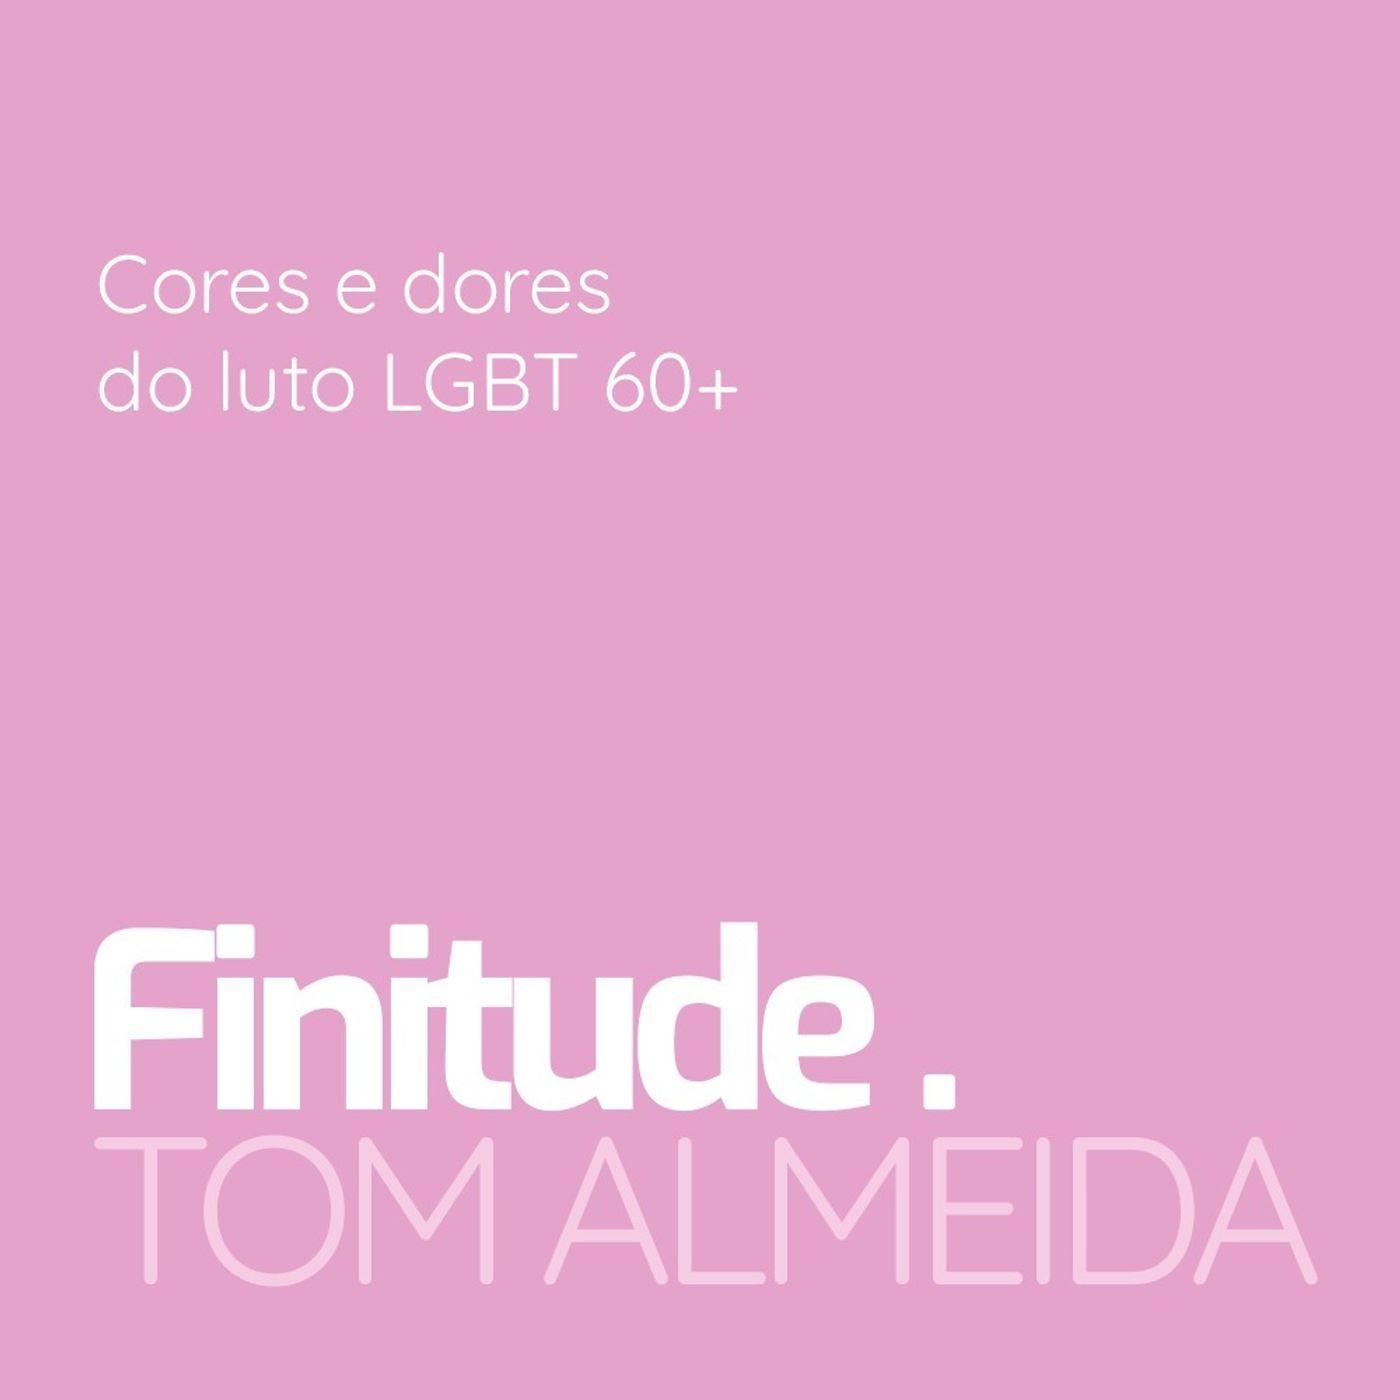 Cores e dores do luto LGBT